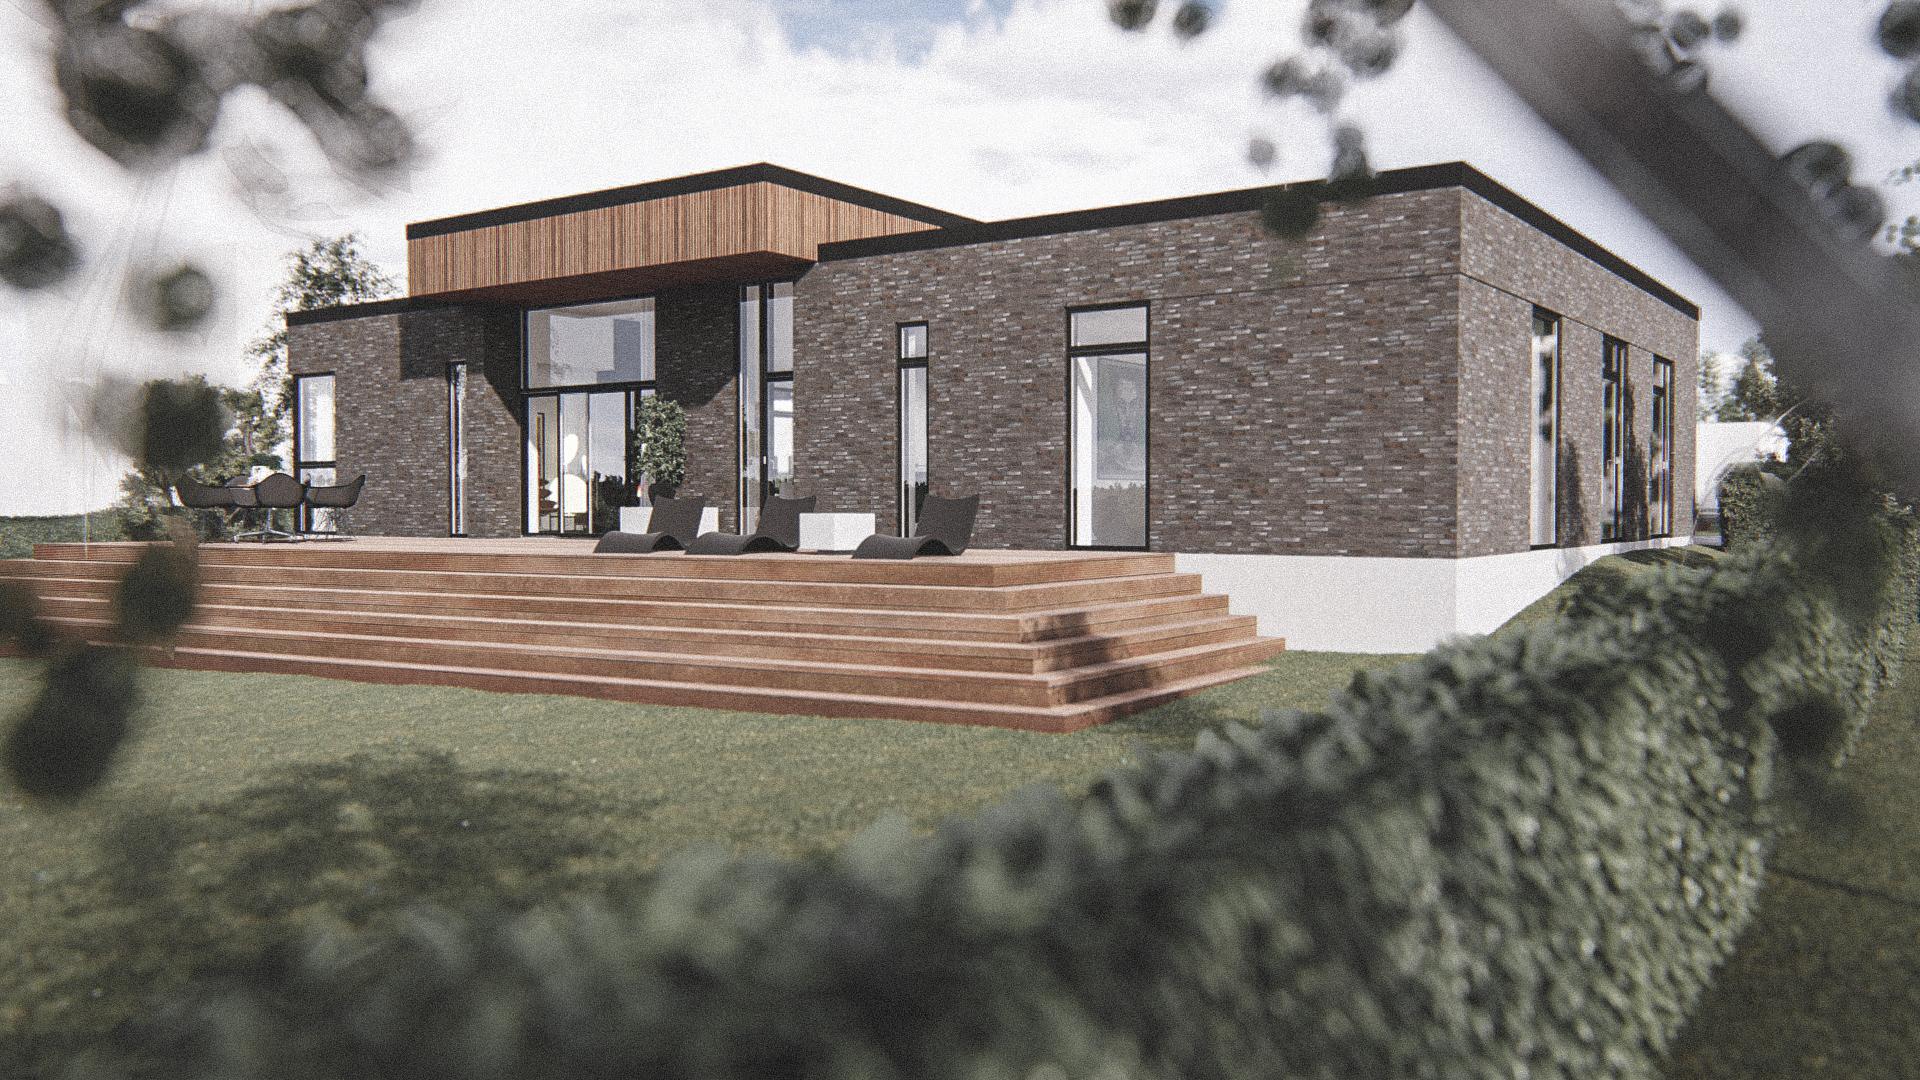 Billede af Dansk arkitekttegnet 1 plan villa af arkitektfirmaet m2plus, i Støvring på 199 kvartratmeter.